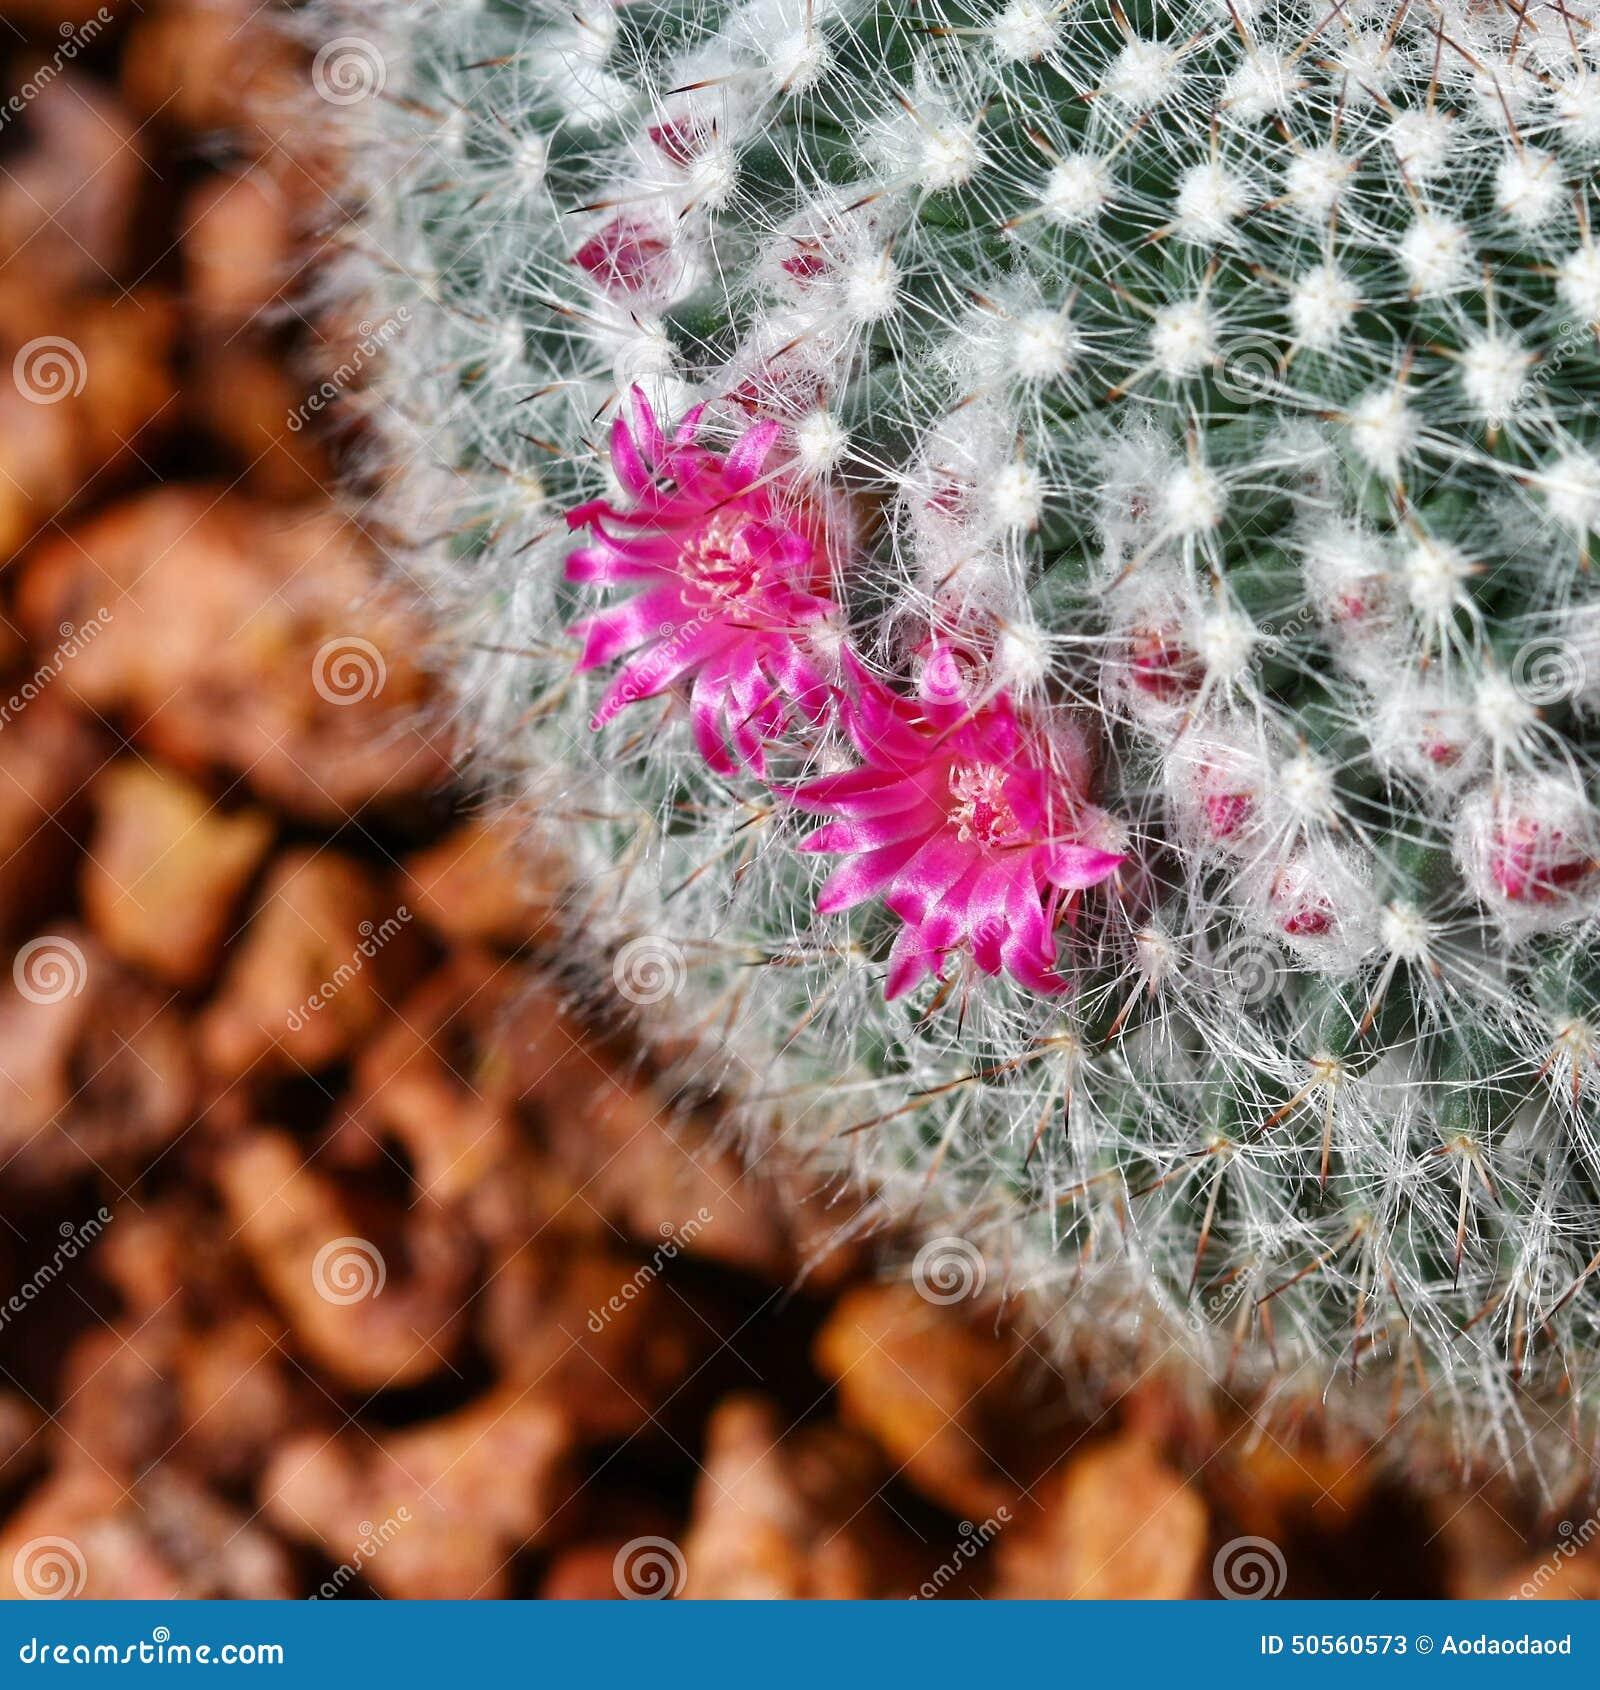 Fermez Vous Vers Le Haut Du Cactus Avec La Fleur Rose Image Stock